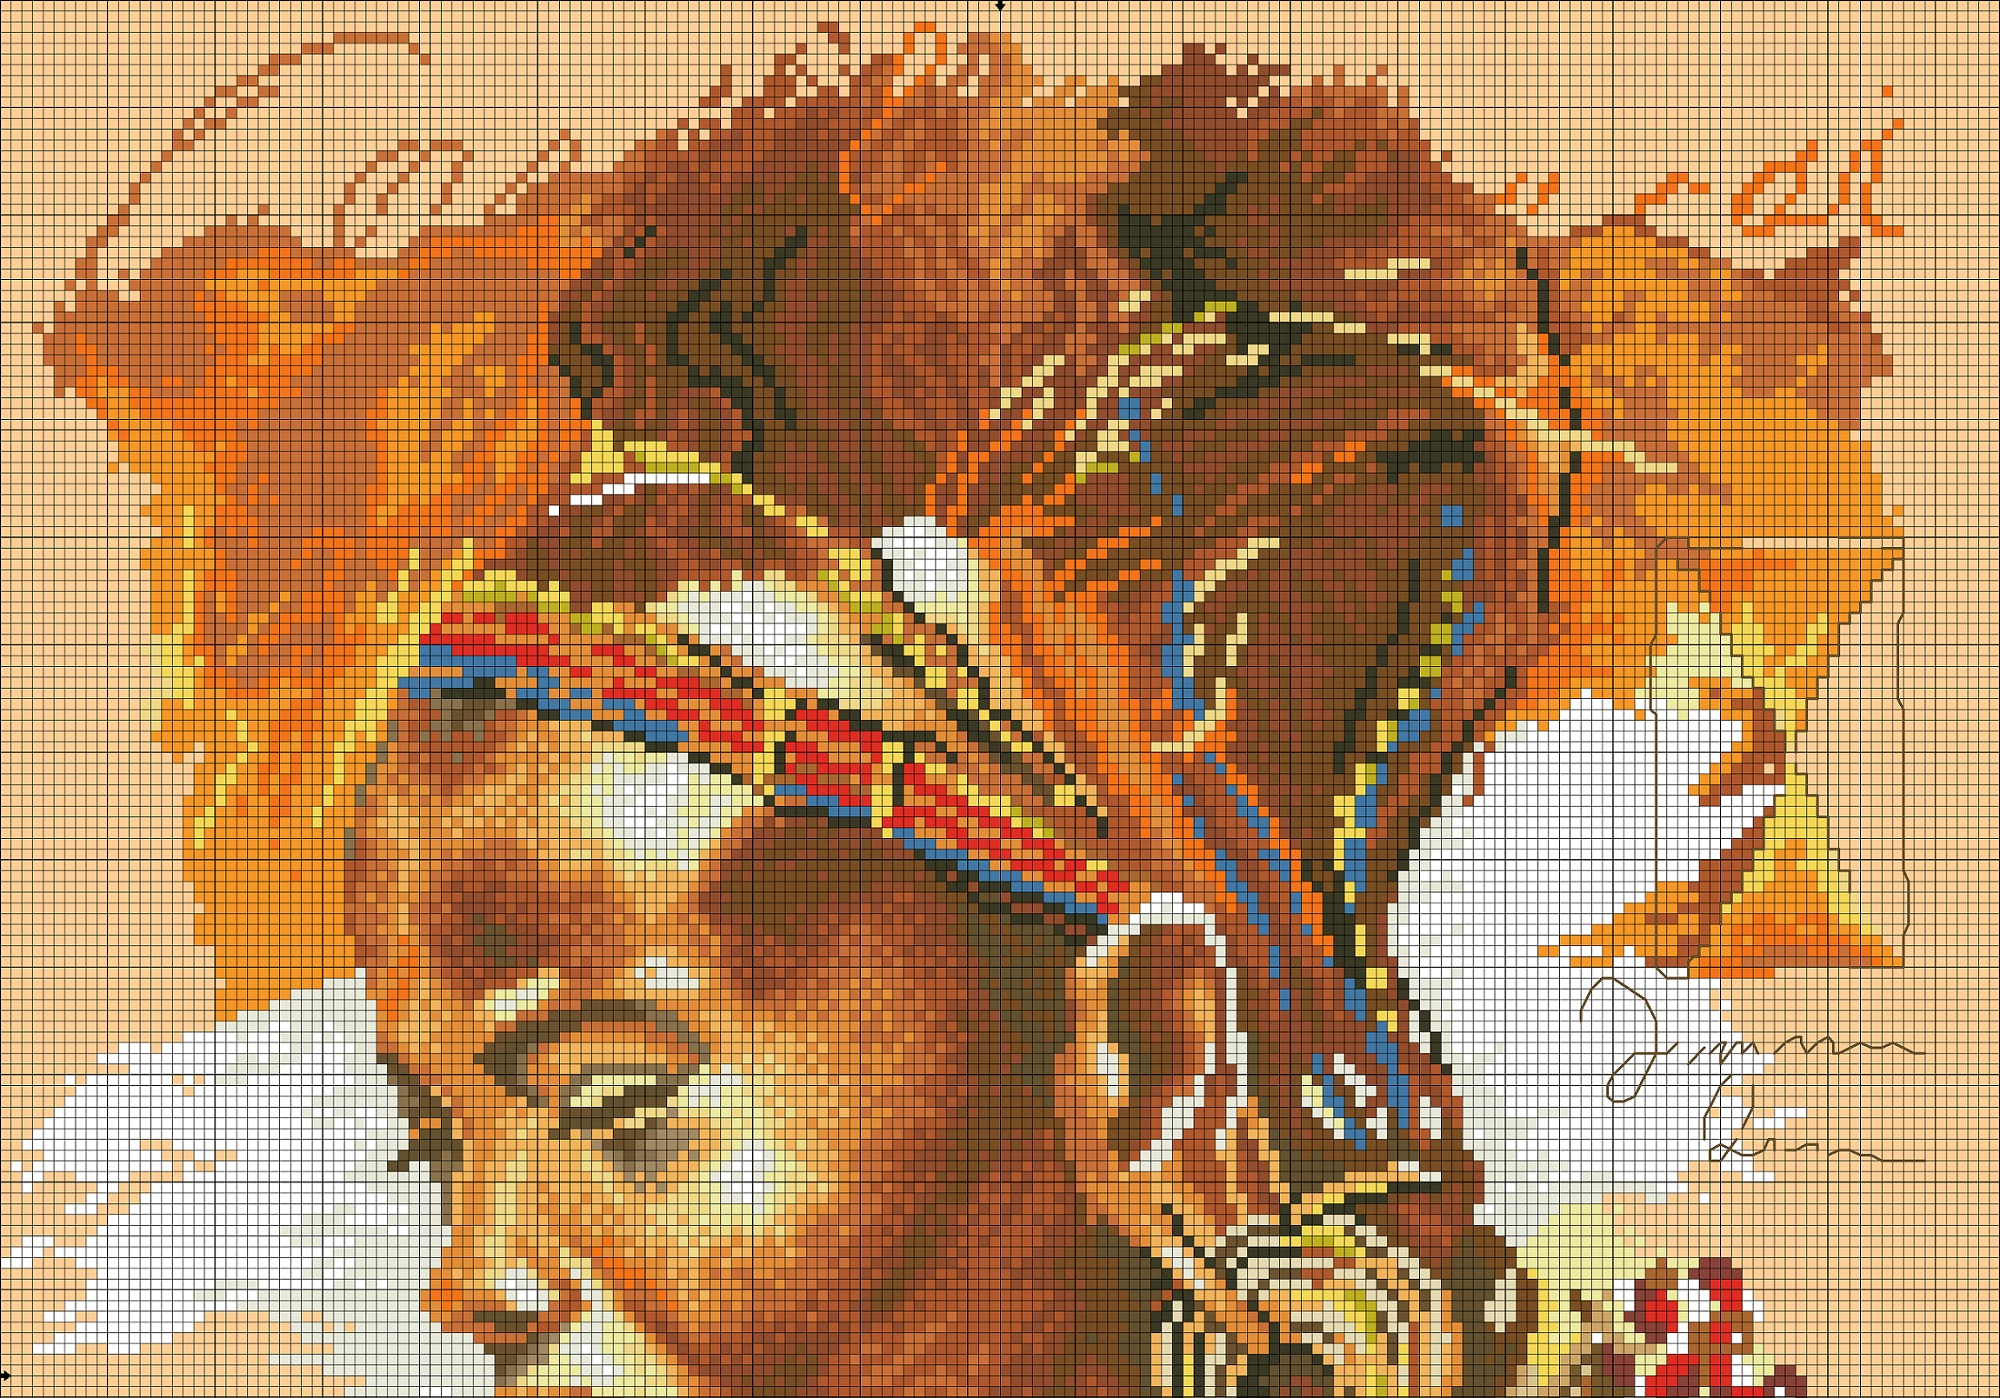 Африканки схема вышивки